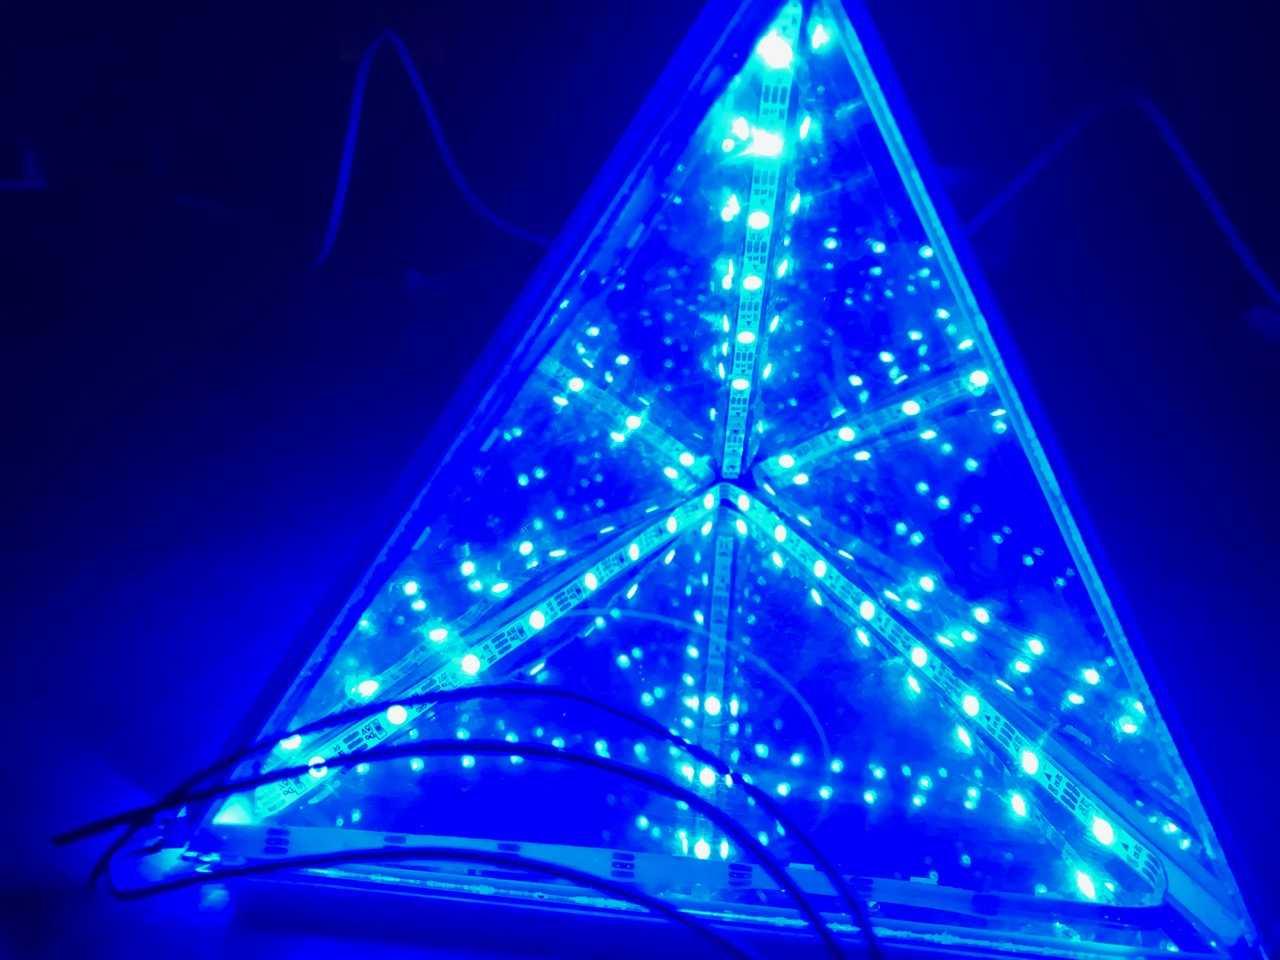 Blick in eine Pyramide: Durch transparente Seiten sieht man auf unendliche LED-Spiegelungen.